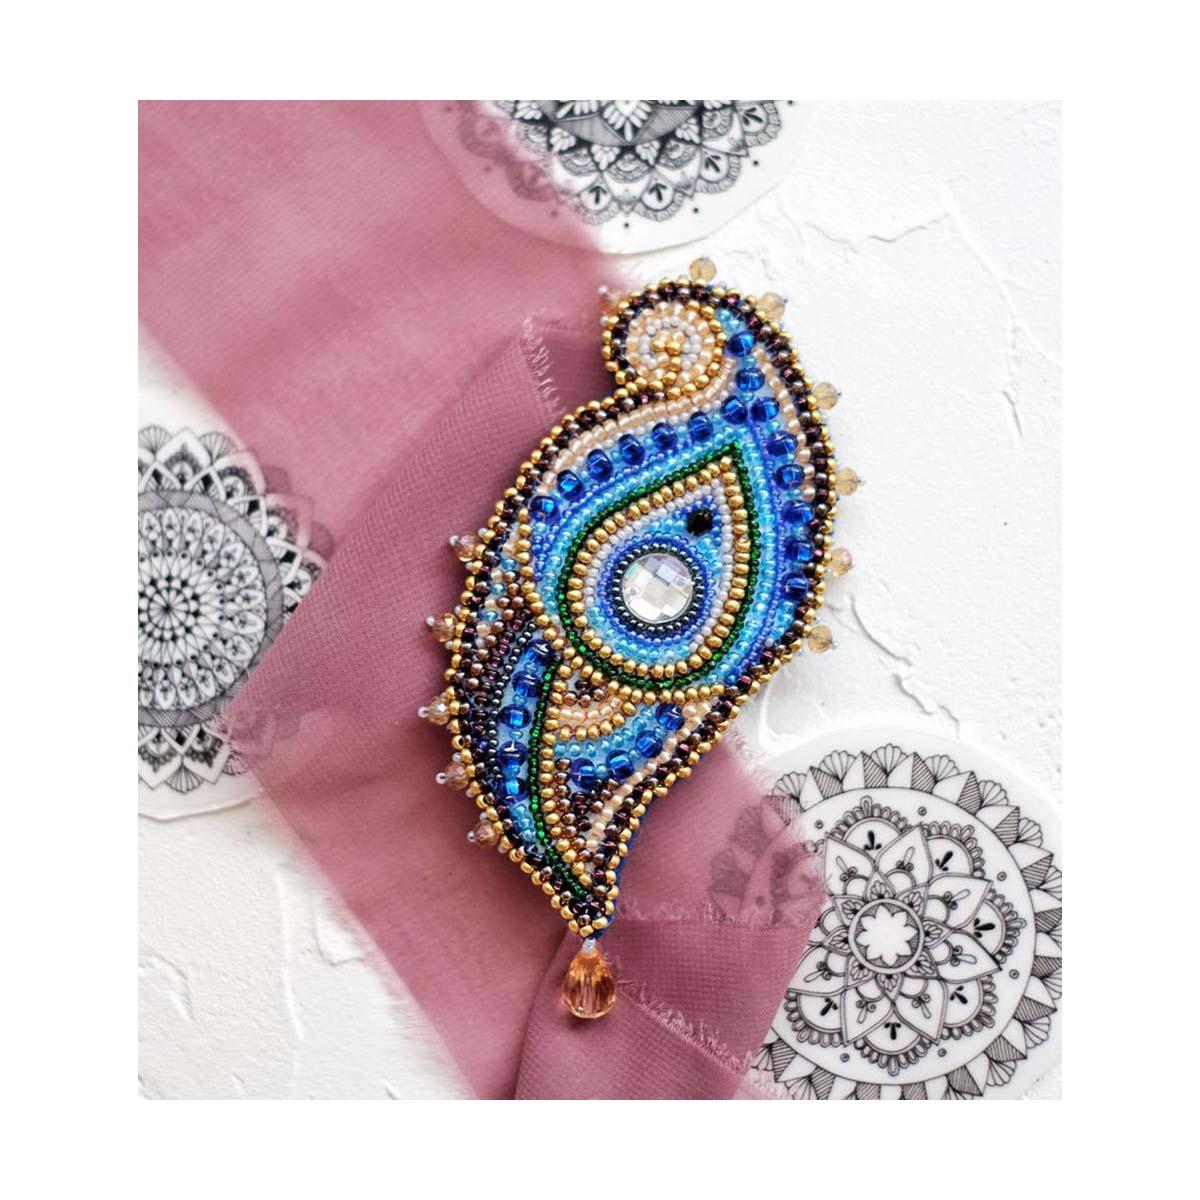 АД-021 Набор для вышивки бисером украшения на натур. художественном холсте Паттернхолст 'Эгретка'5,5*9,5см